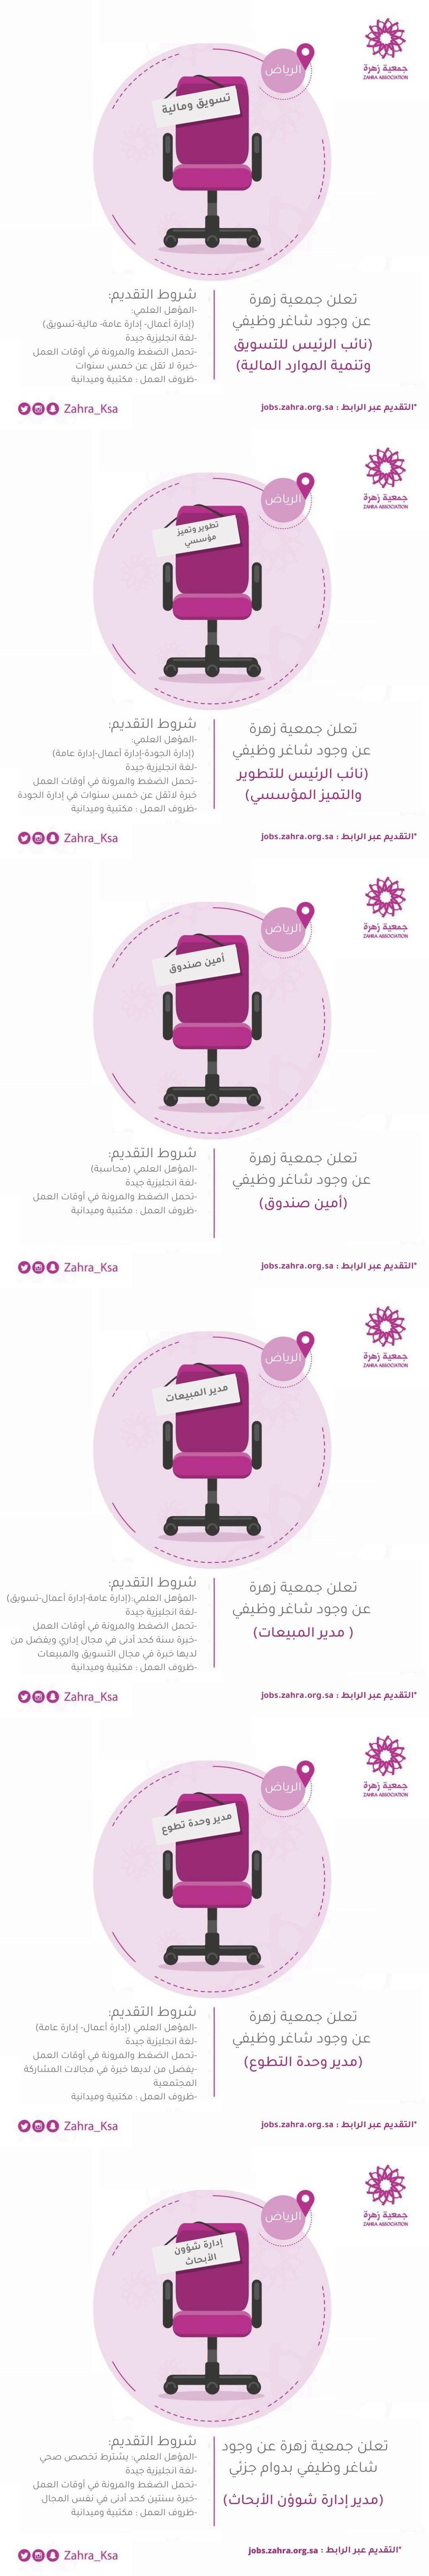 وظائف إدارية في عدة تخصصات فى جمعية زهرة فى الرياض منطقة الرياض